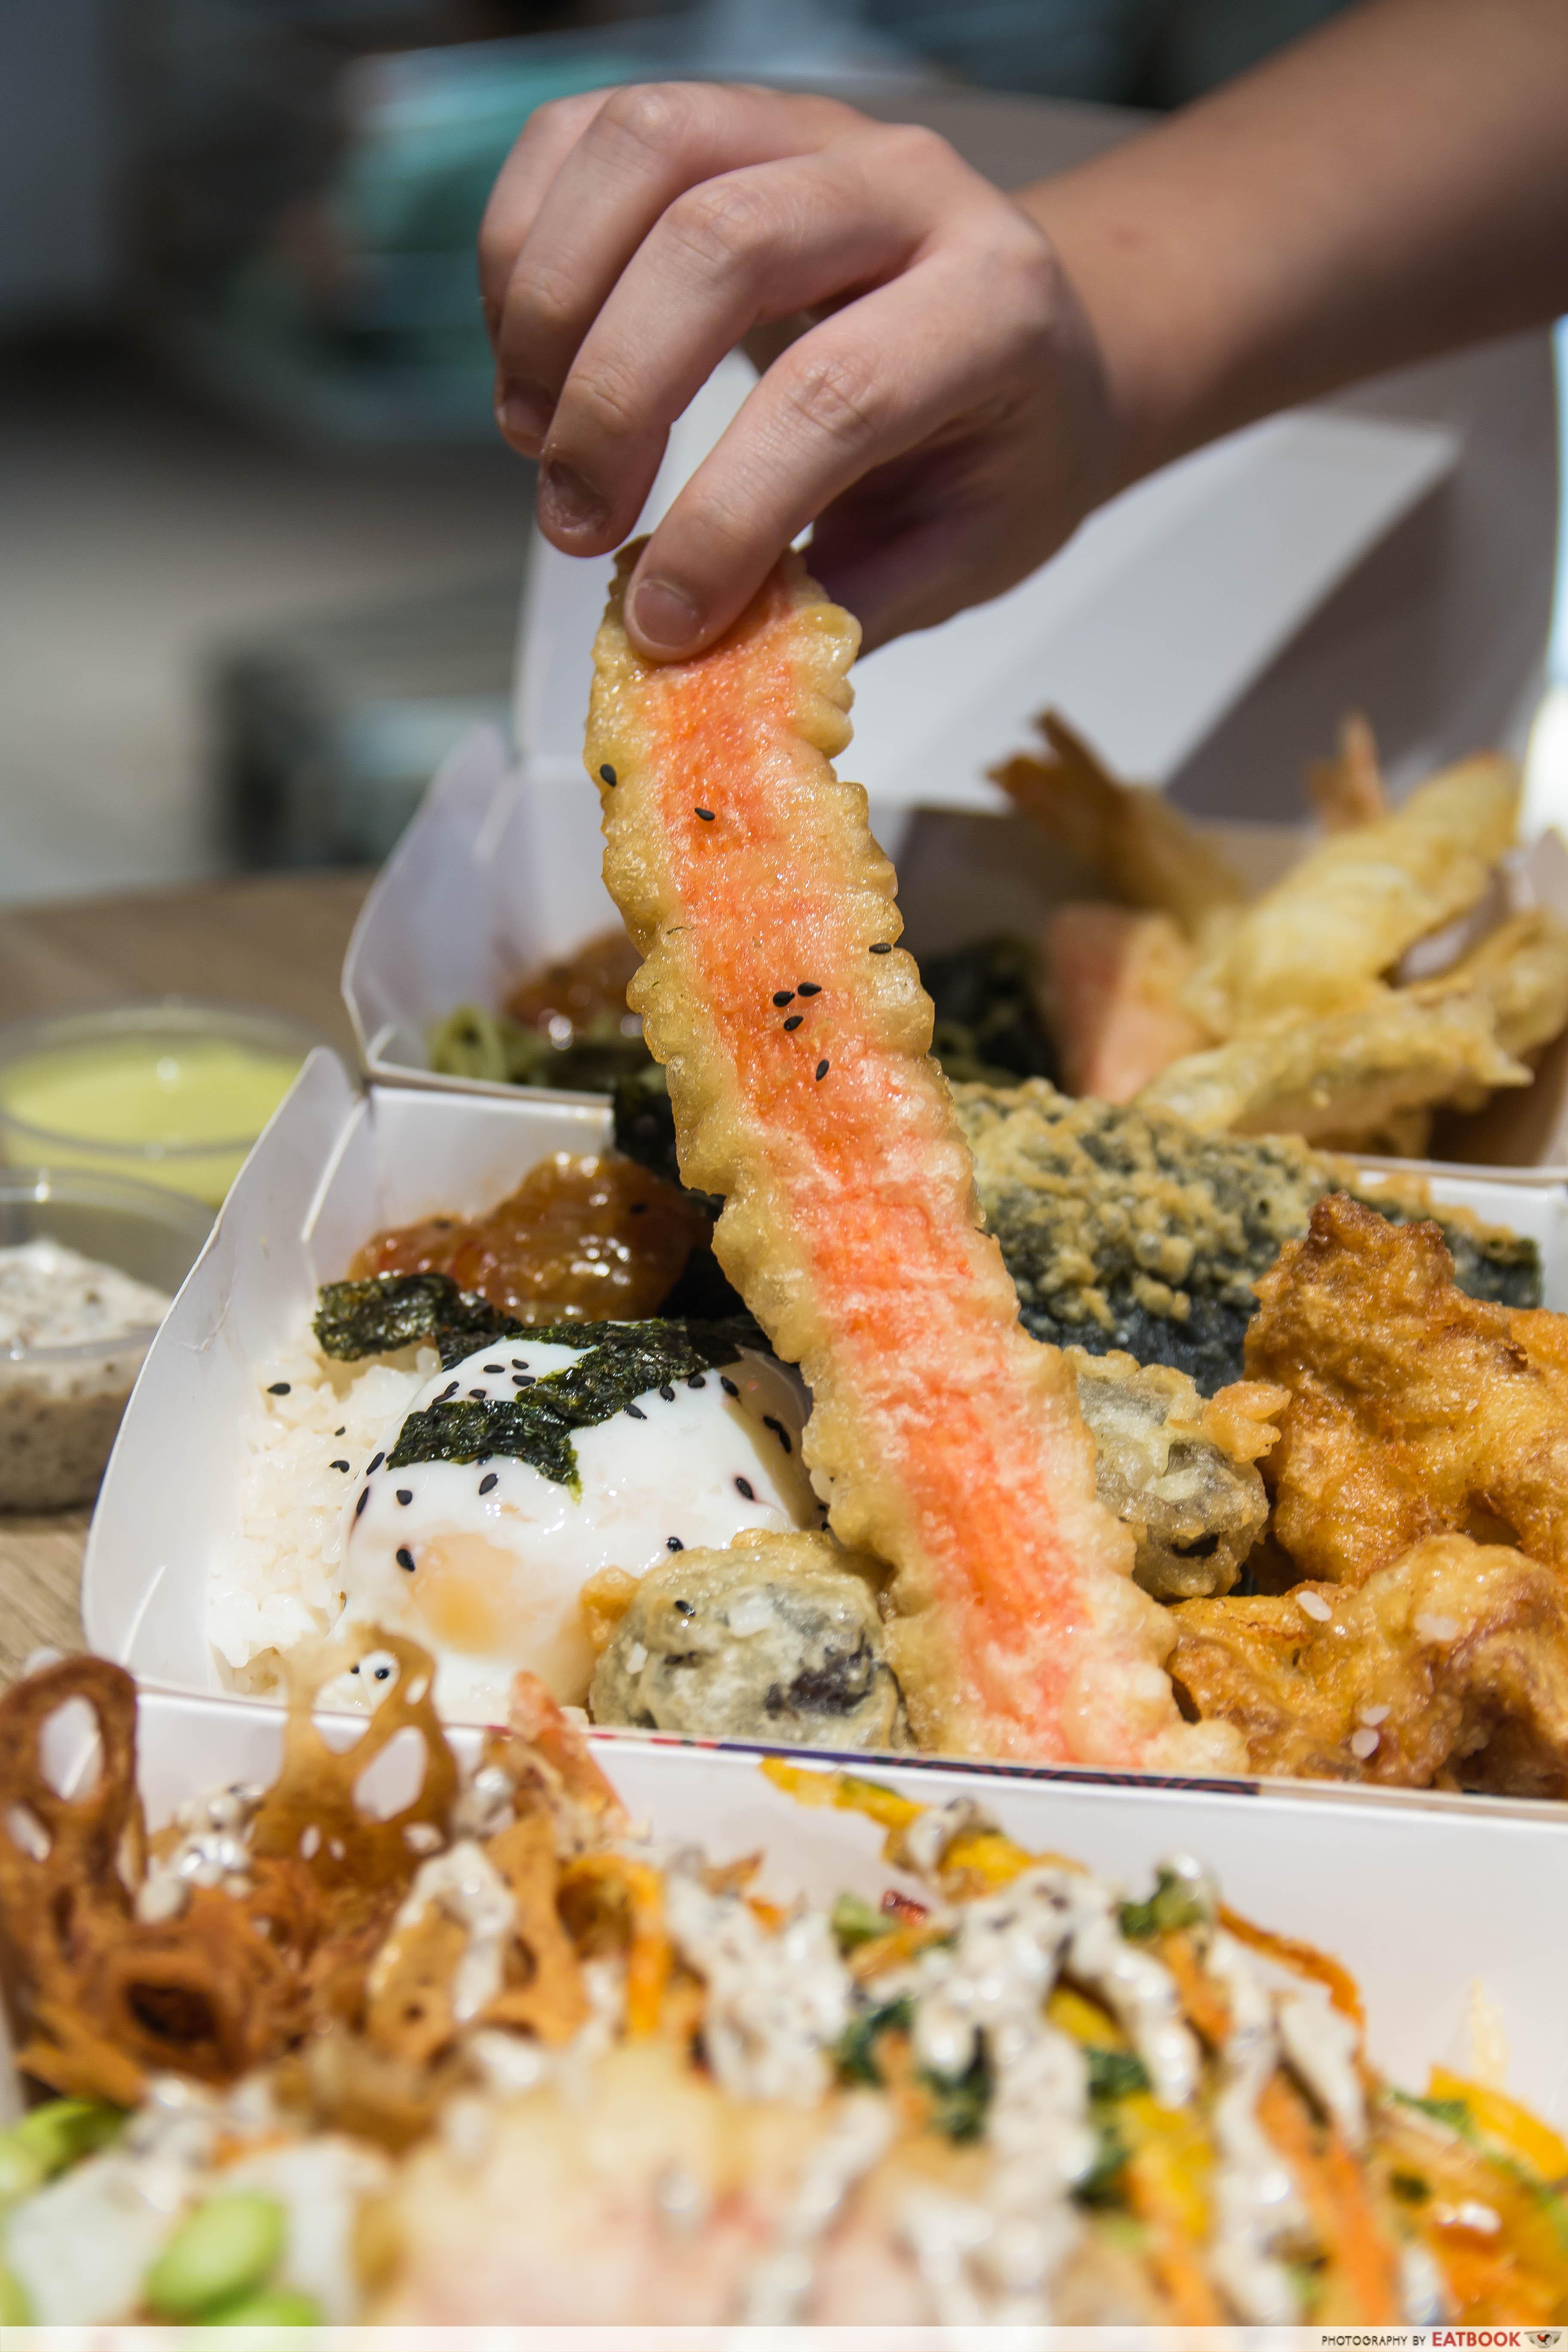 Natsu - Jumbo crab stick